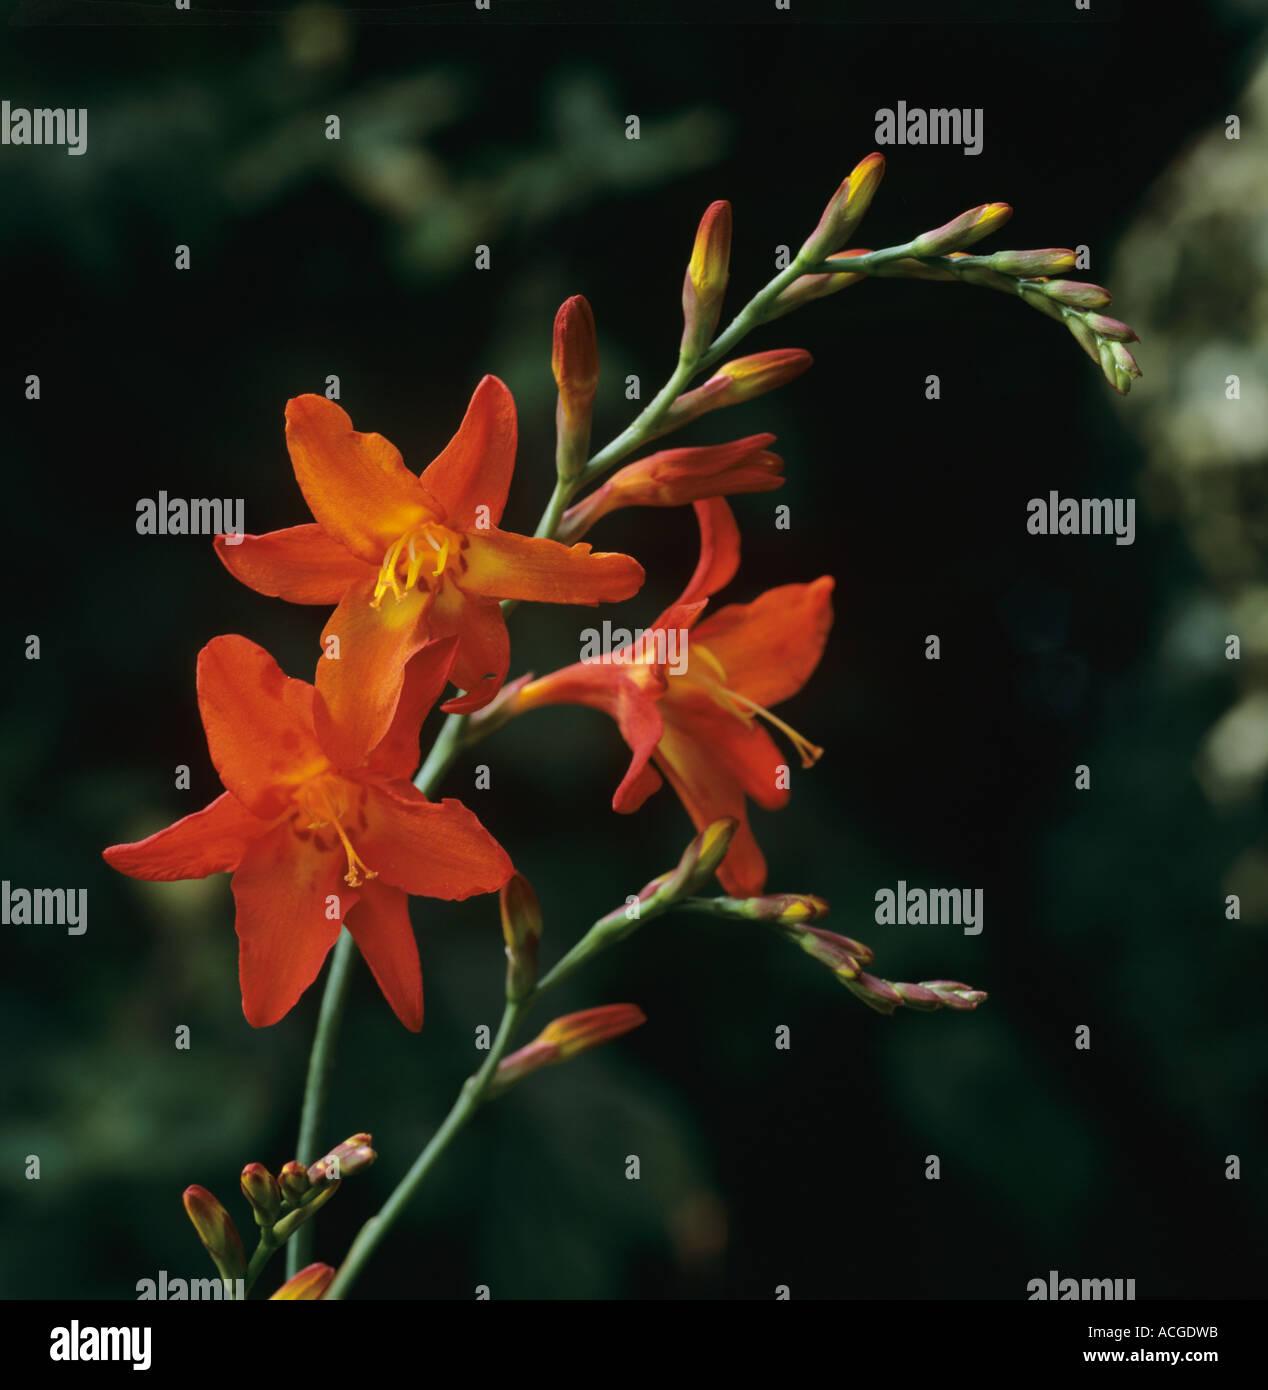 Single flower spike of orange Crocosmia Geoffrey Howard - Stock Image